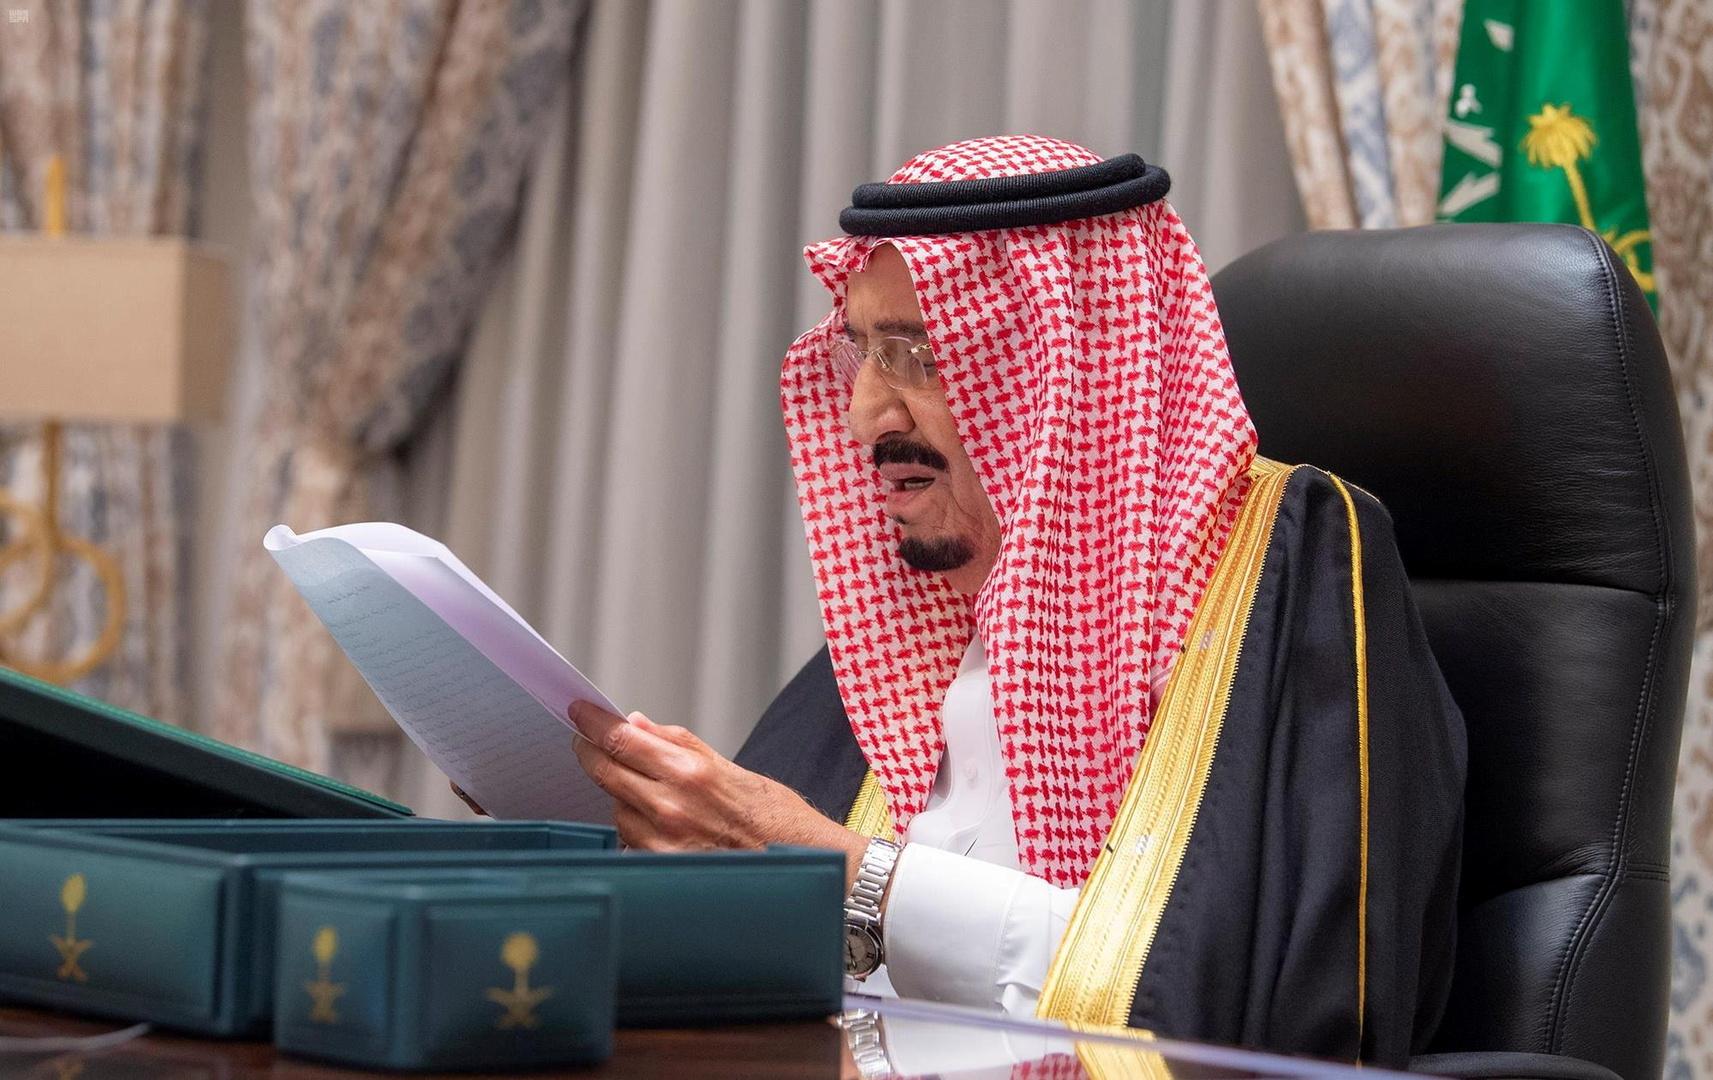 العاهل السعودي يعزي الرئيس الأمريكي